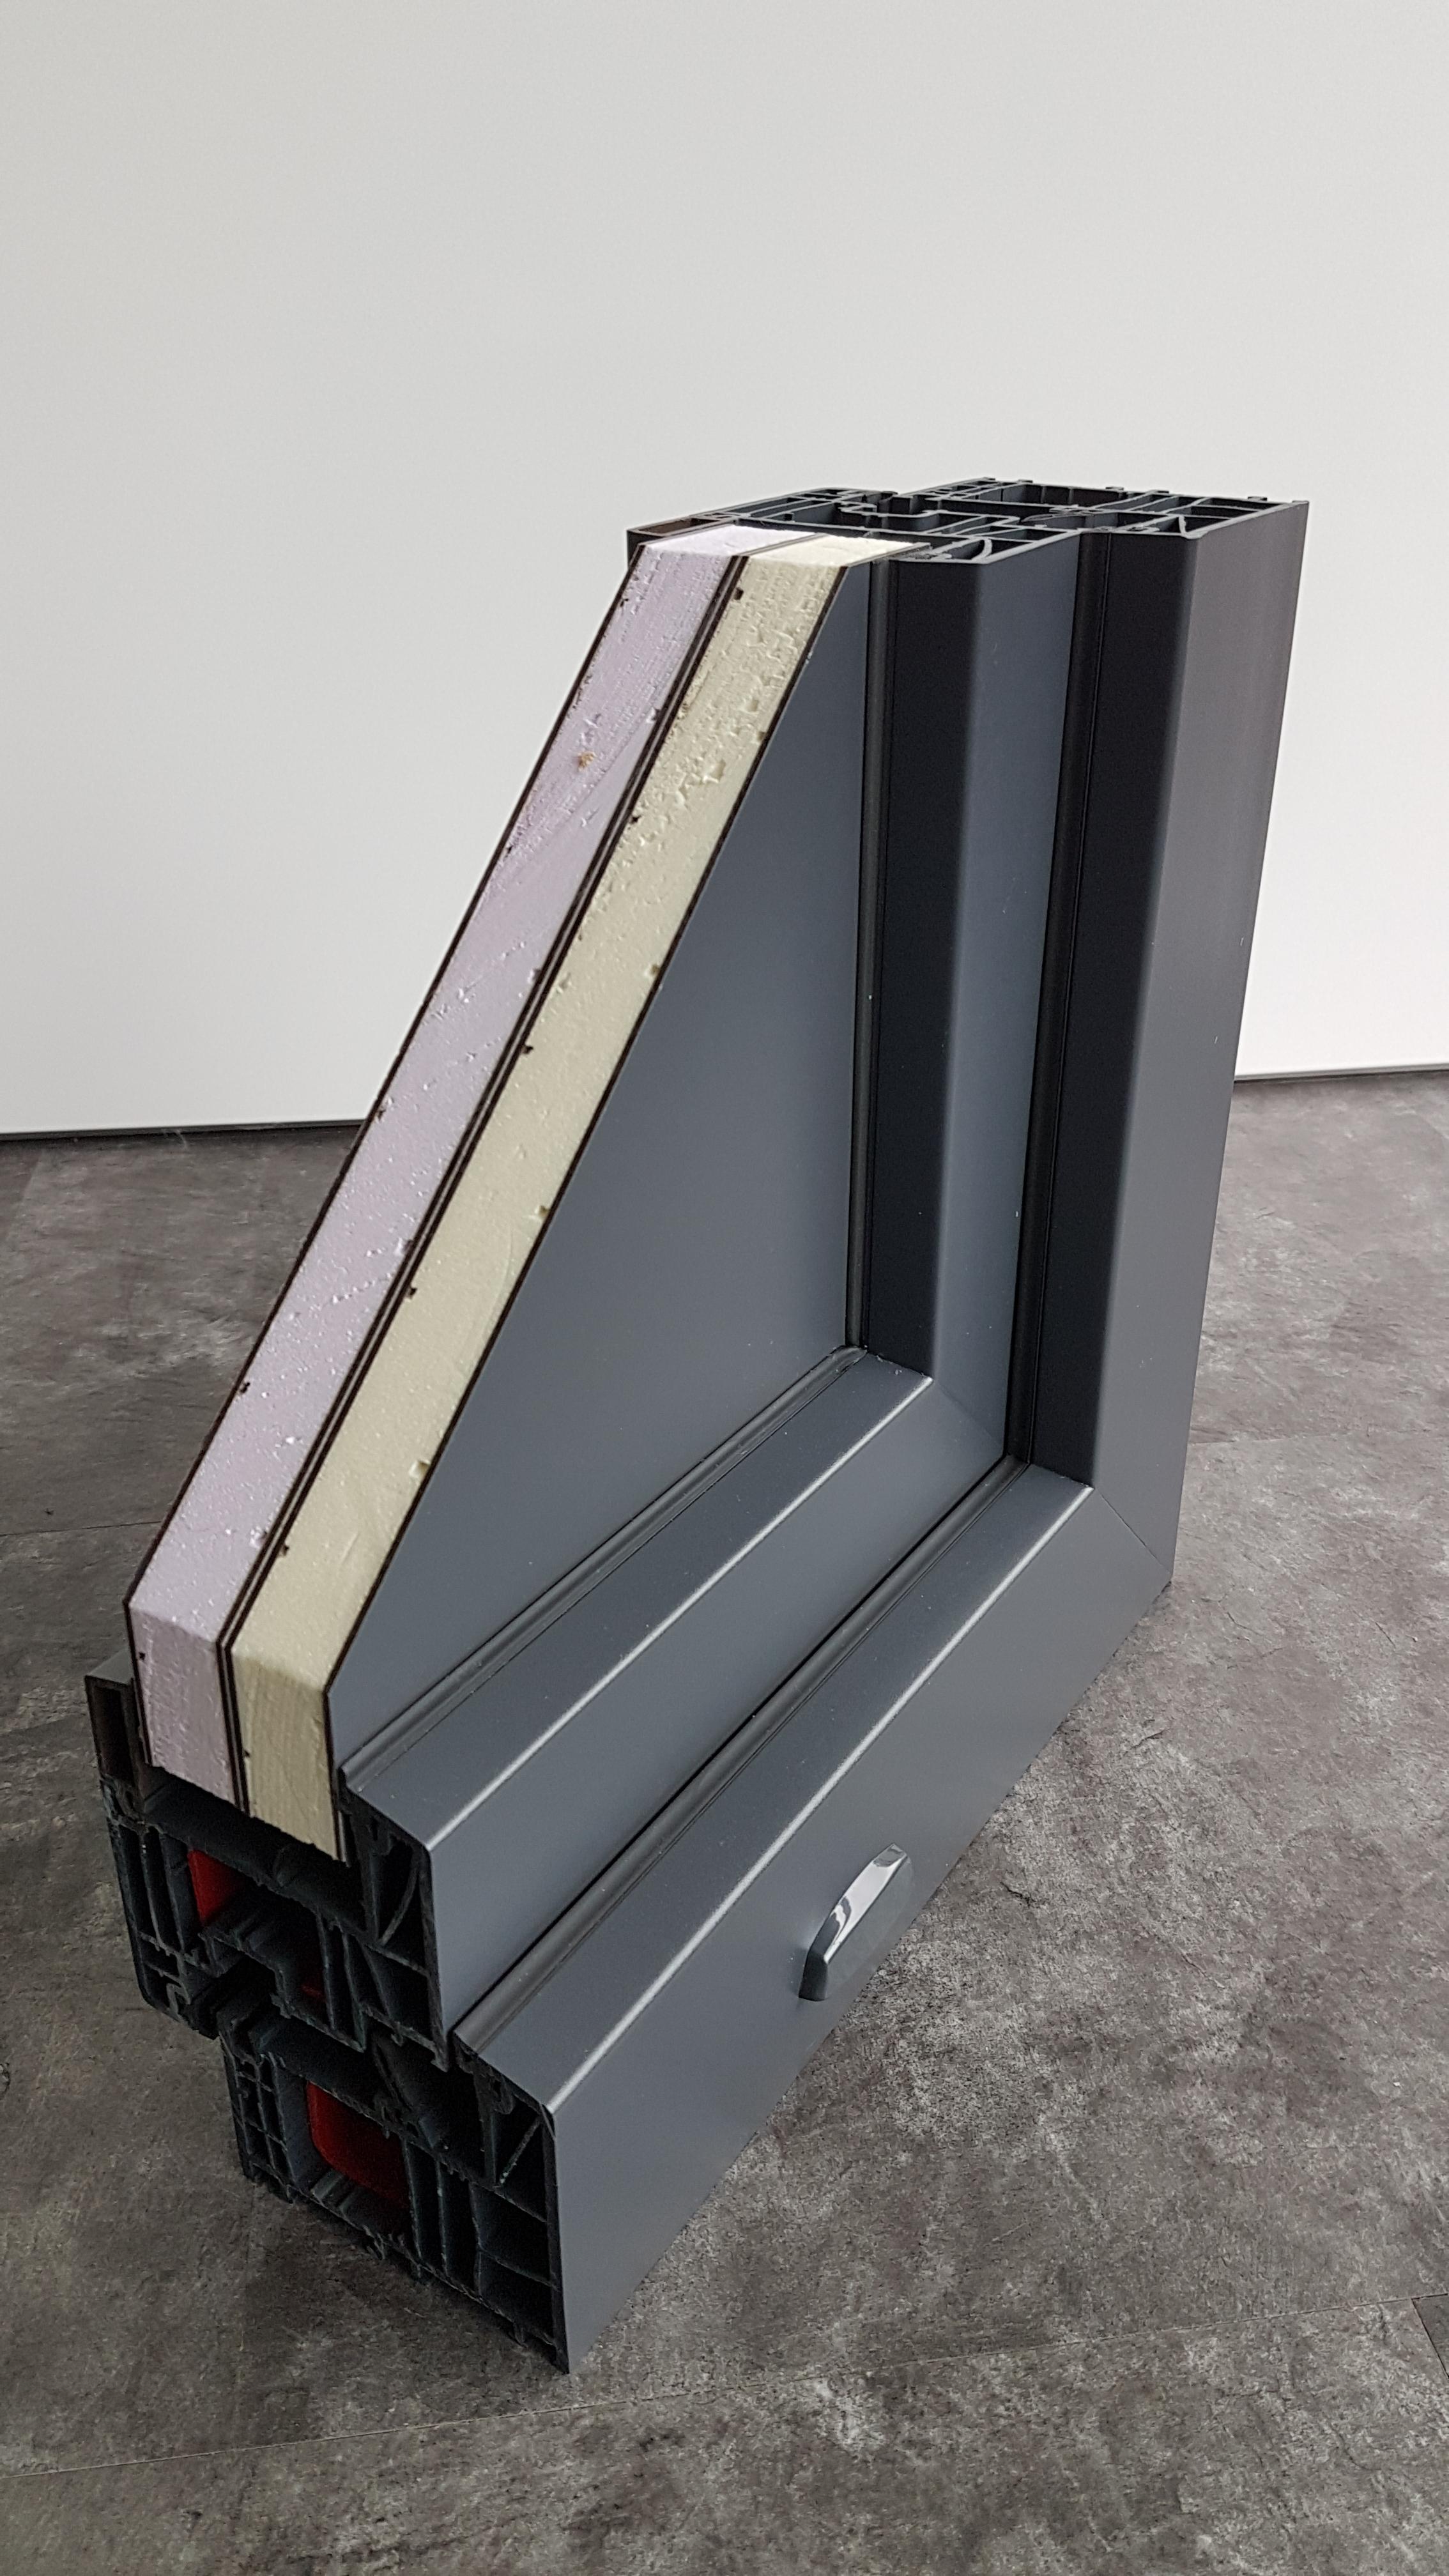 Kunststofffenster holzfenster und aluminiumfenster - Kunststofffenster oder holzfenster ...